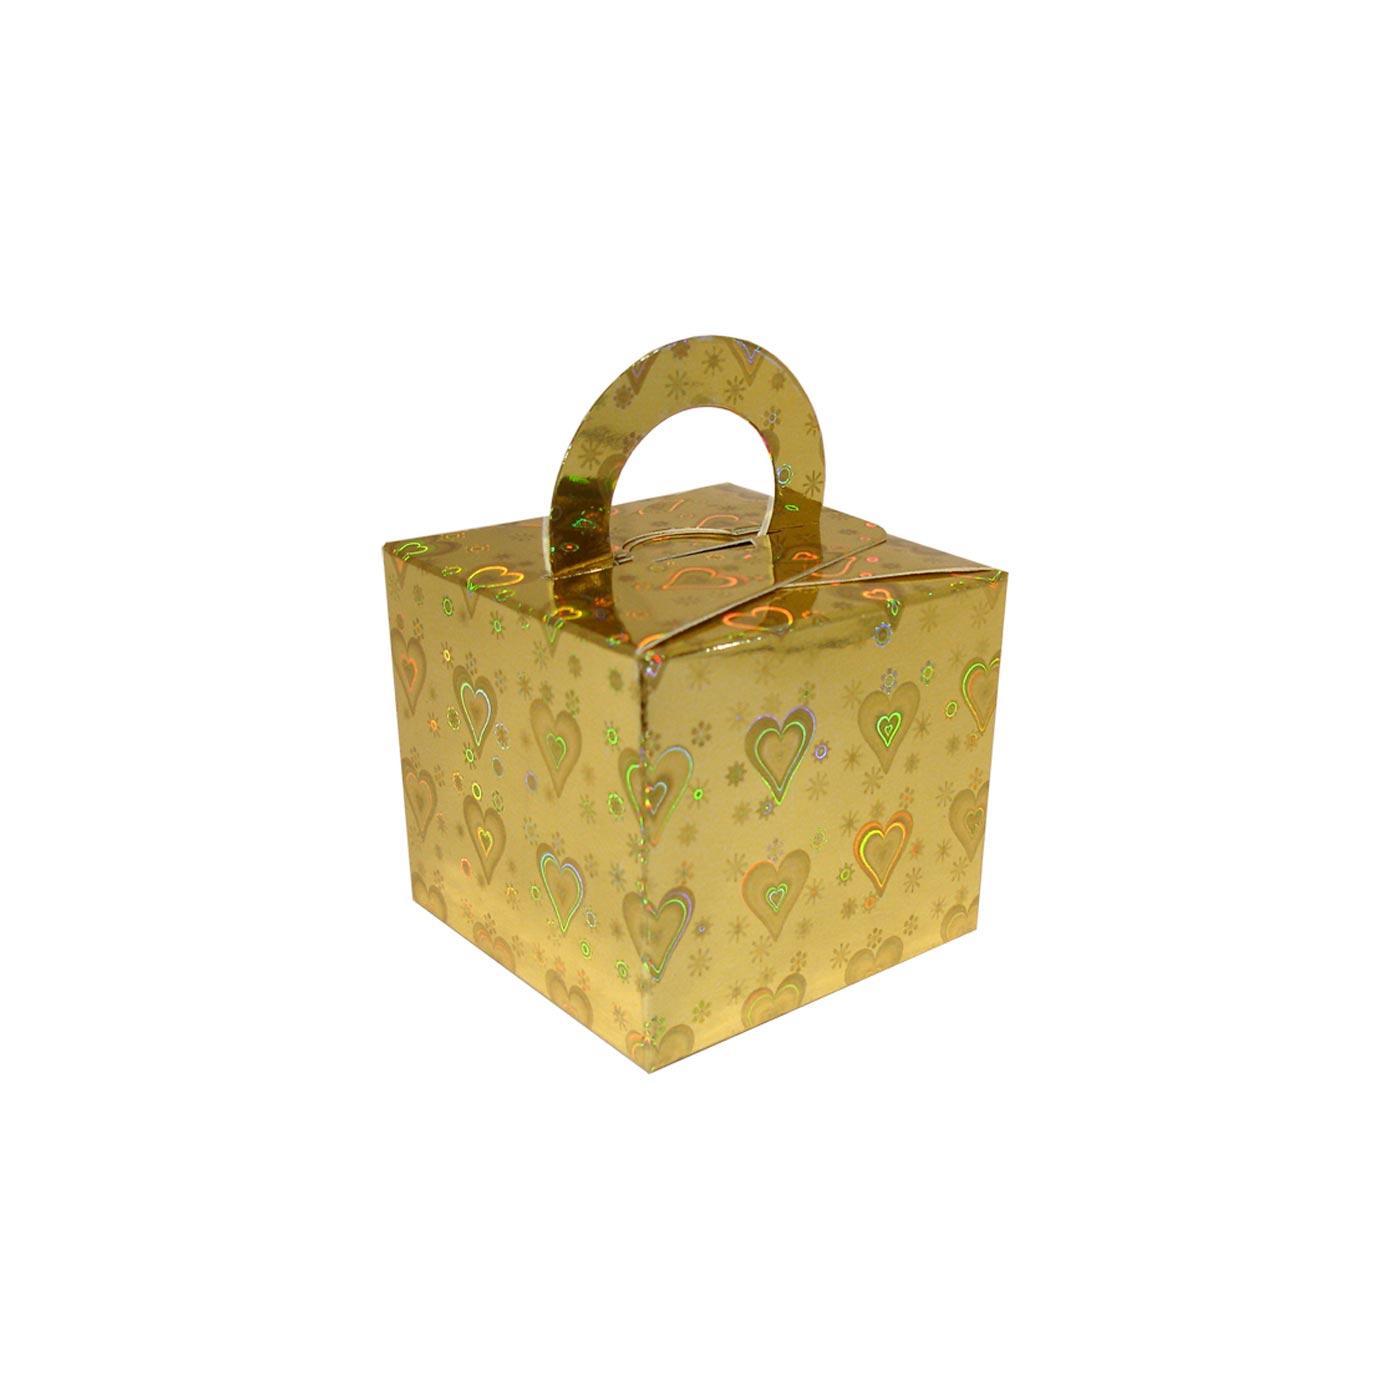 Gold Heart Balloon Weight Box